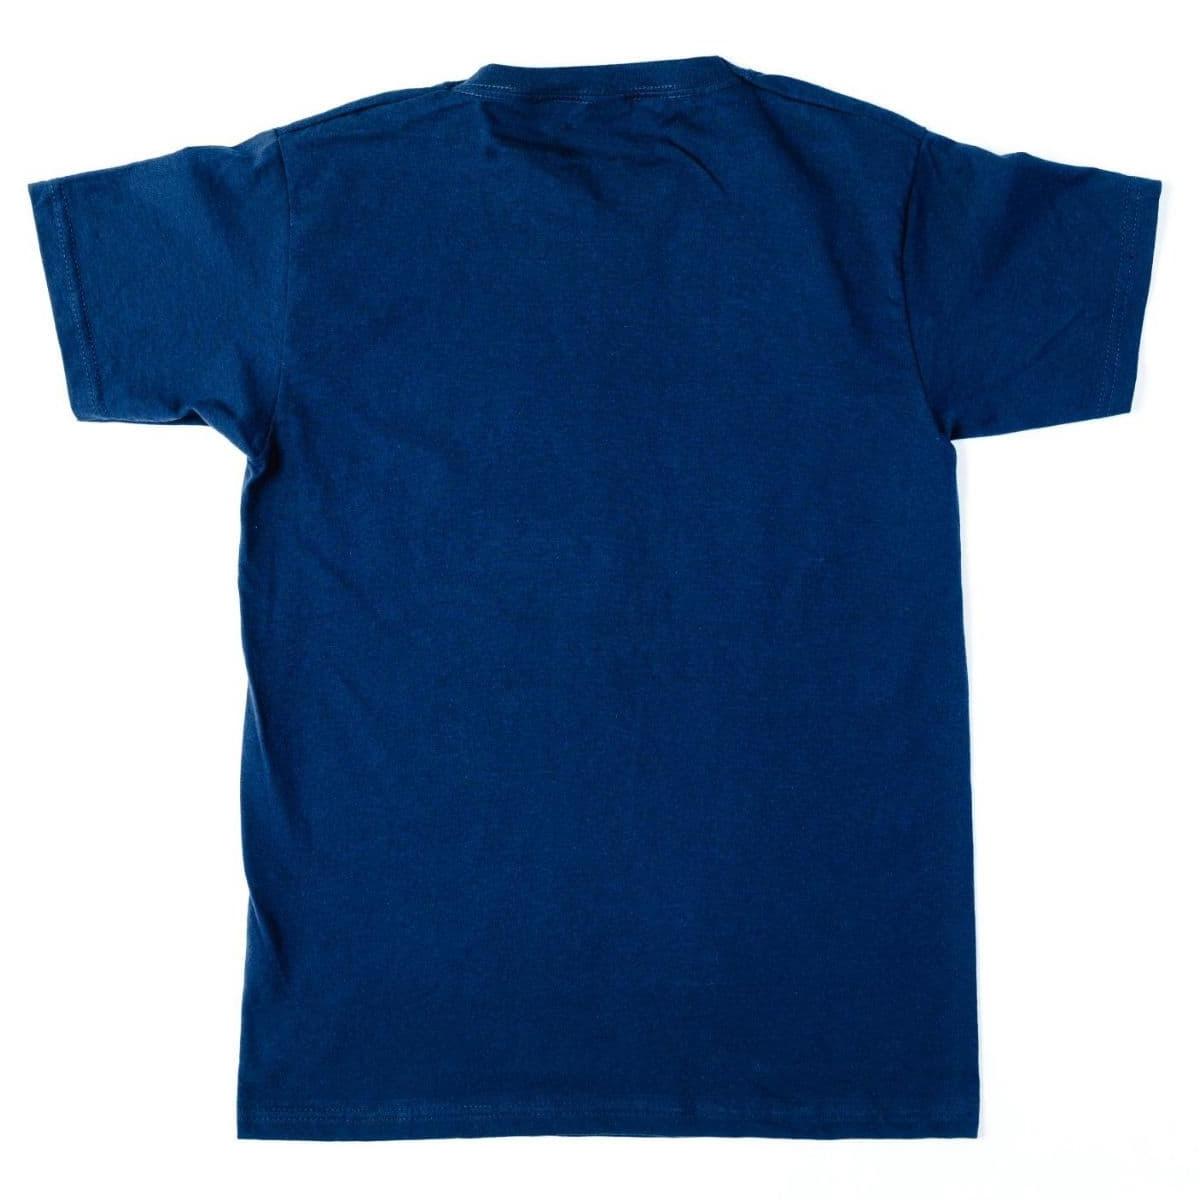 Scooterman.net T-shirt